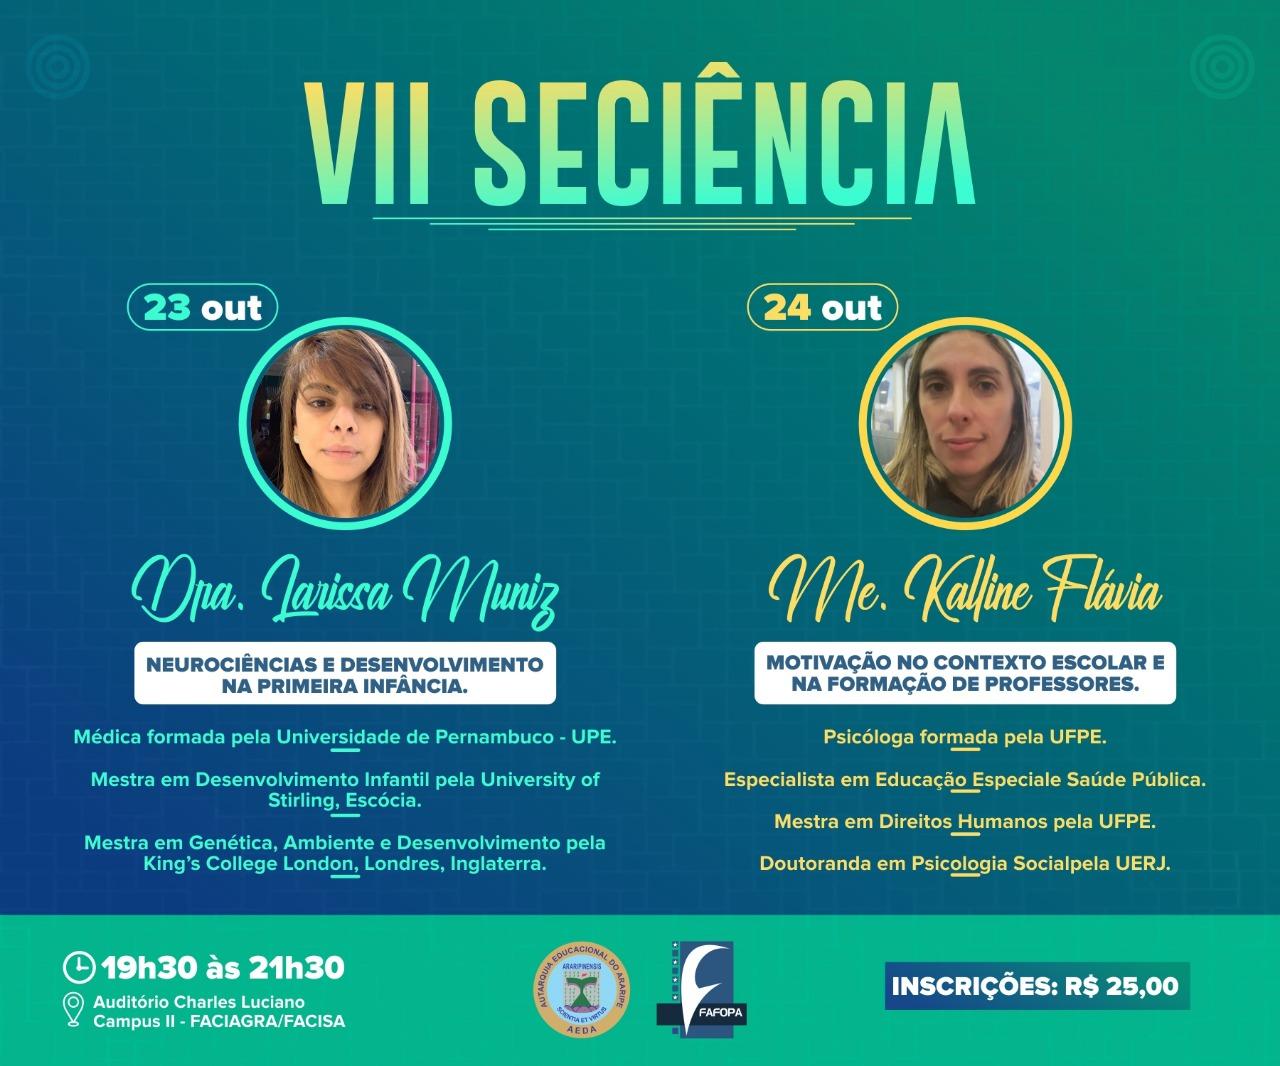 Fafopa abre inscrições para a VII SECIÊNCIA que será realizada nos dias 23 e 24 de outubro